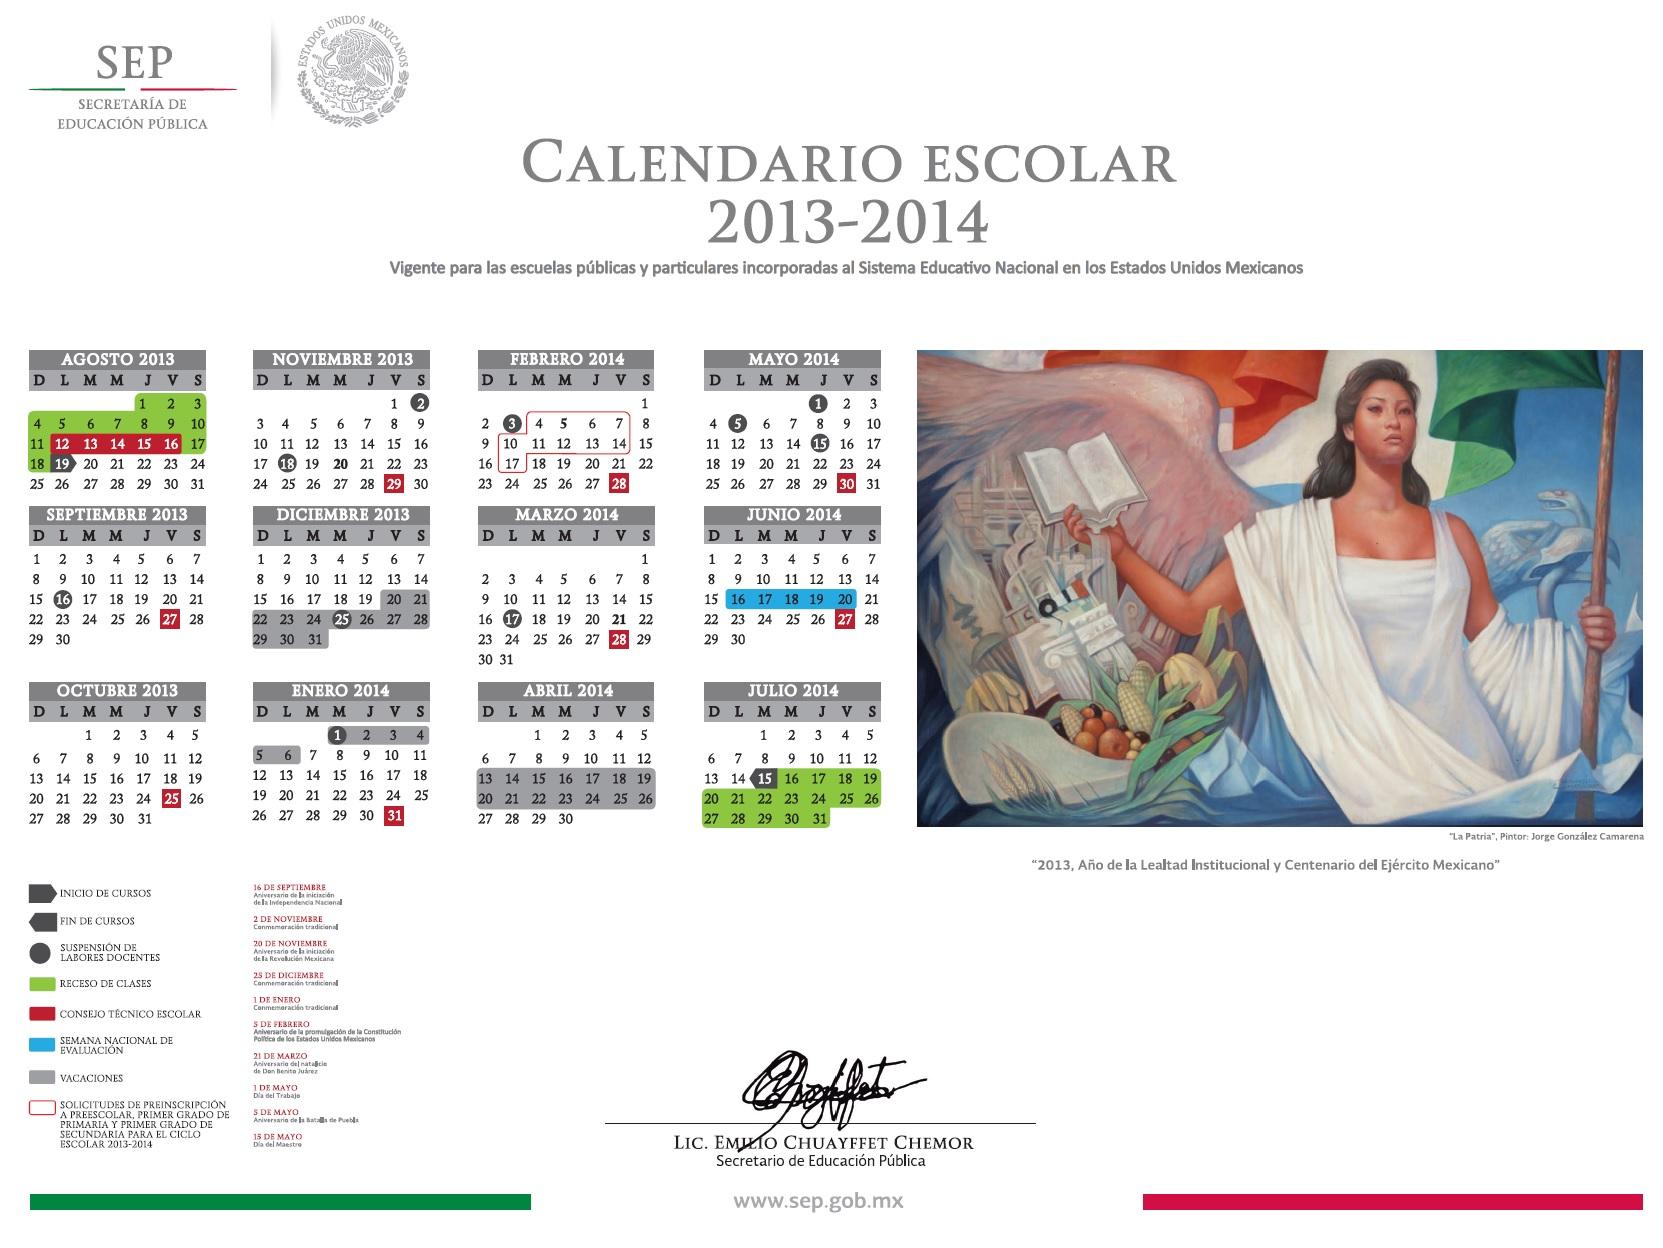 Calendario SEP 2013-2014